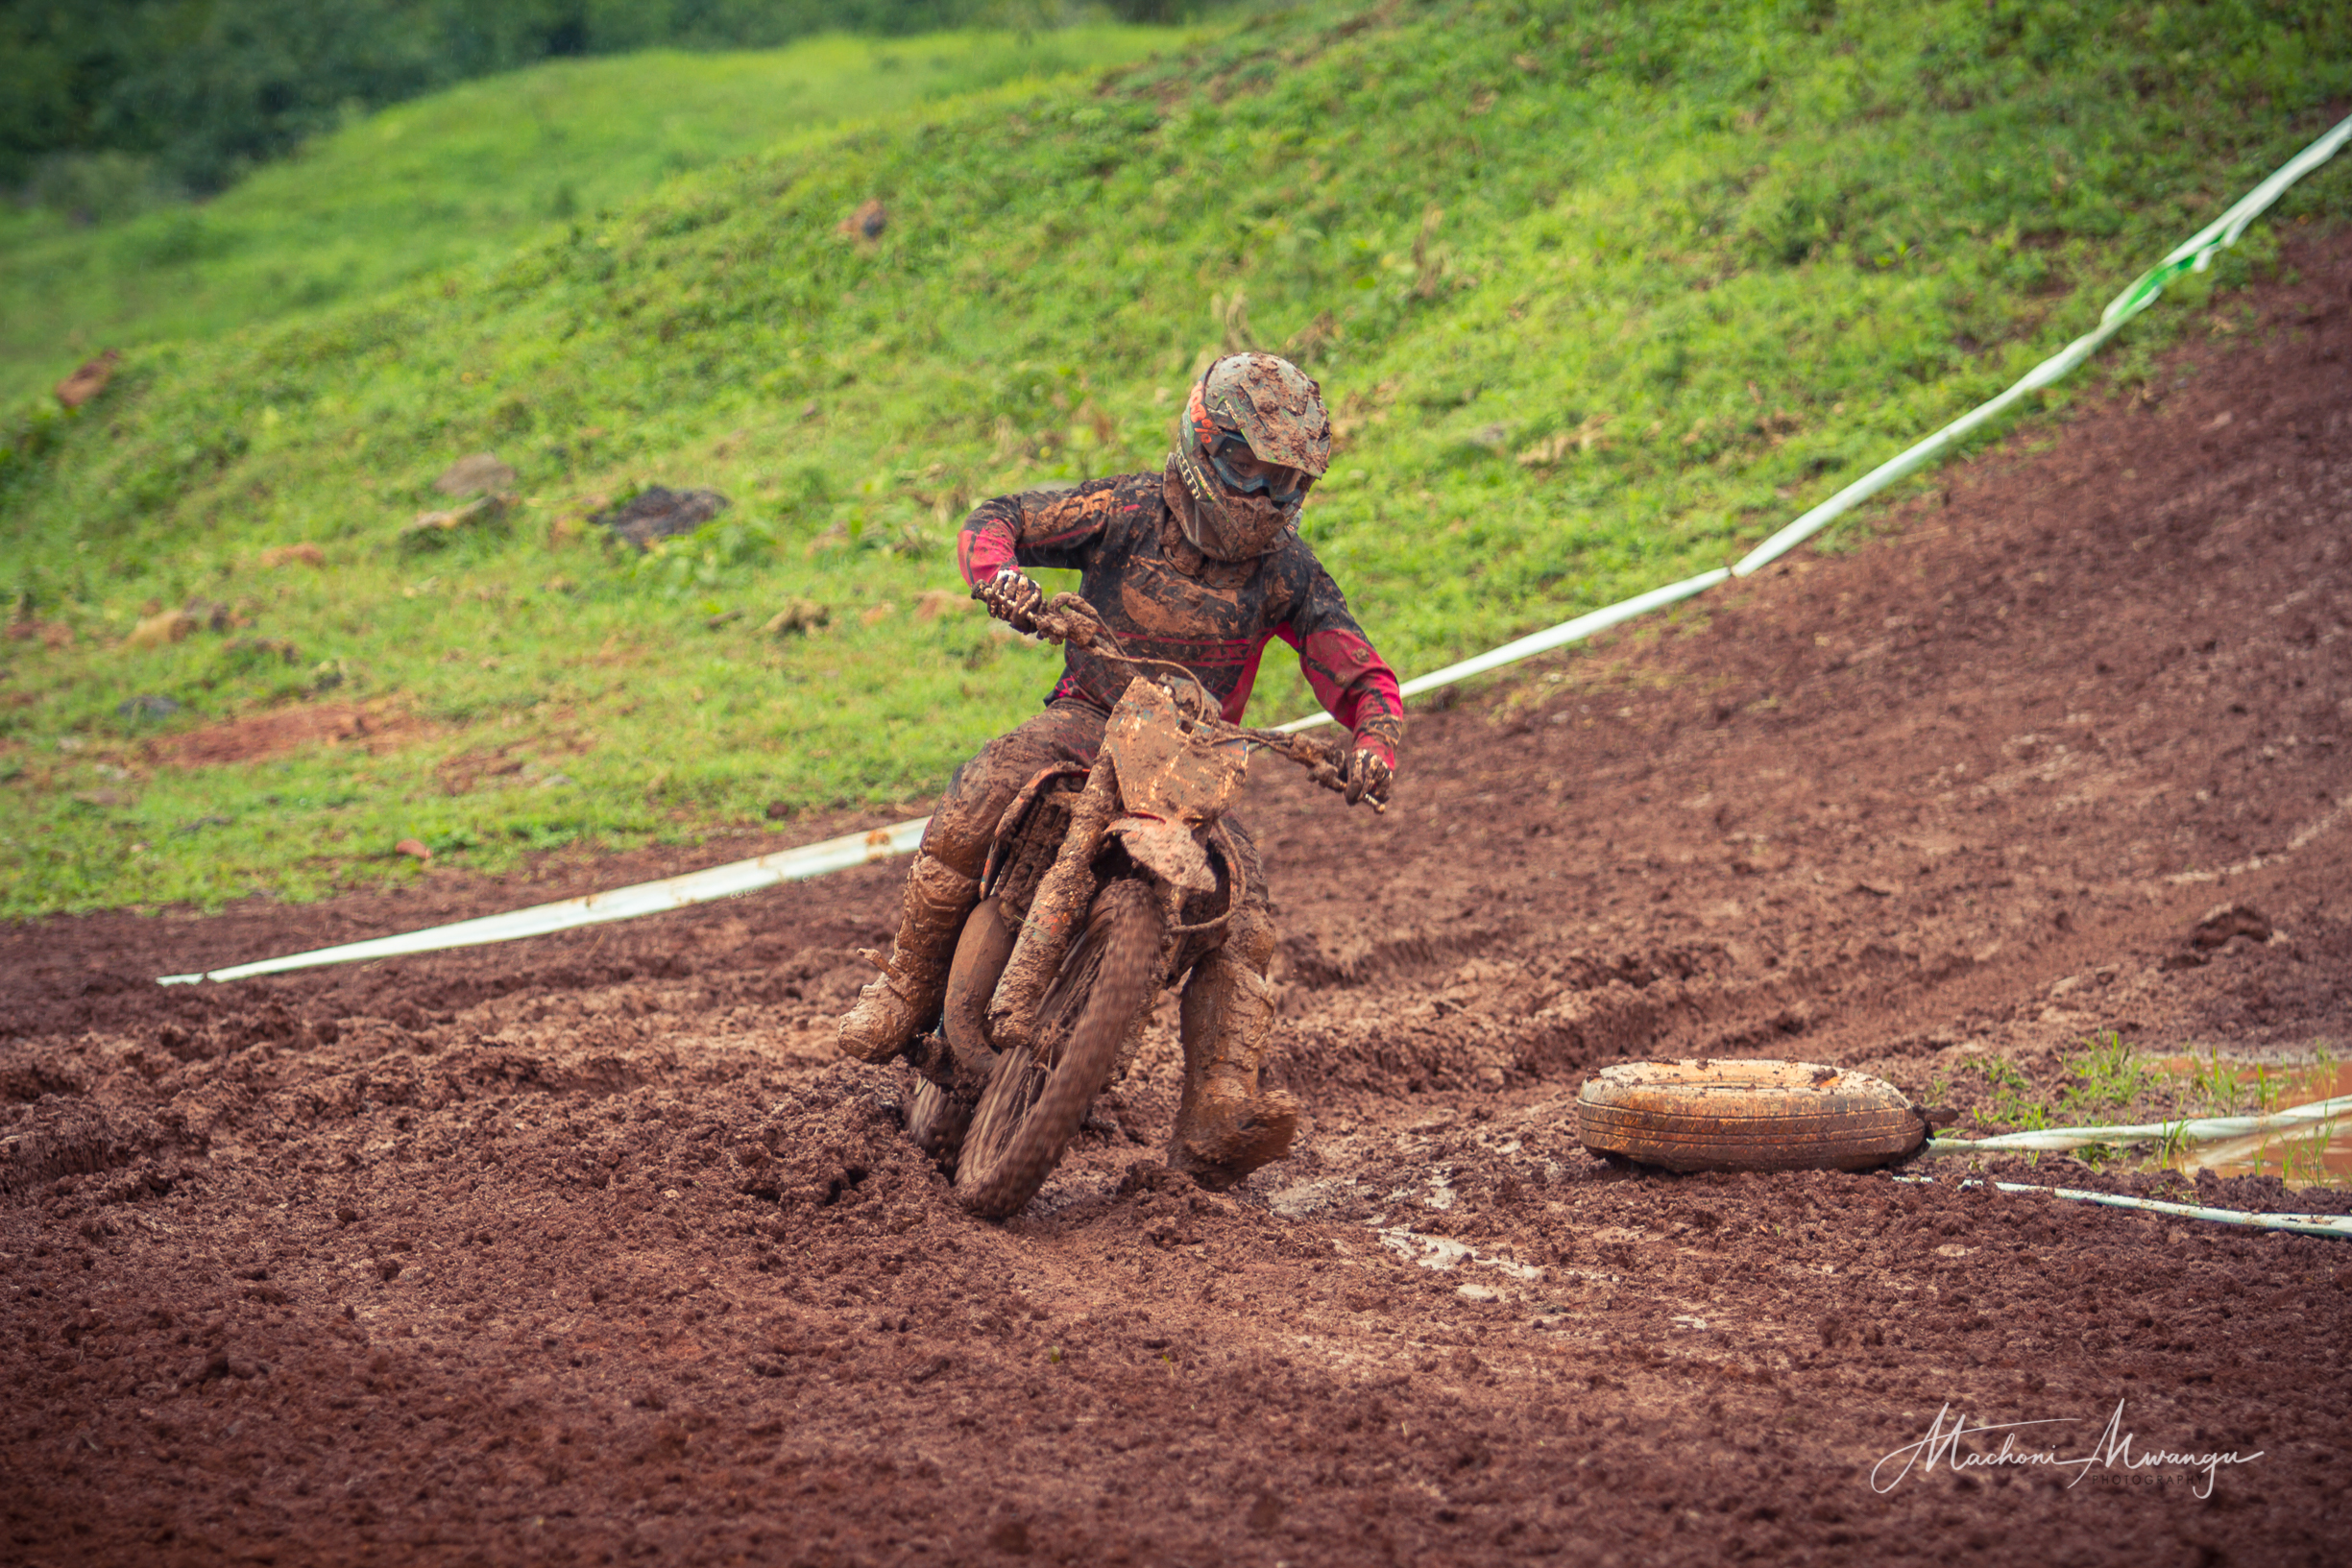 Motocross-1-2.jpg